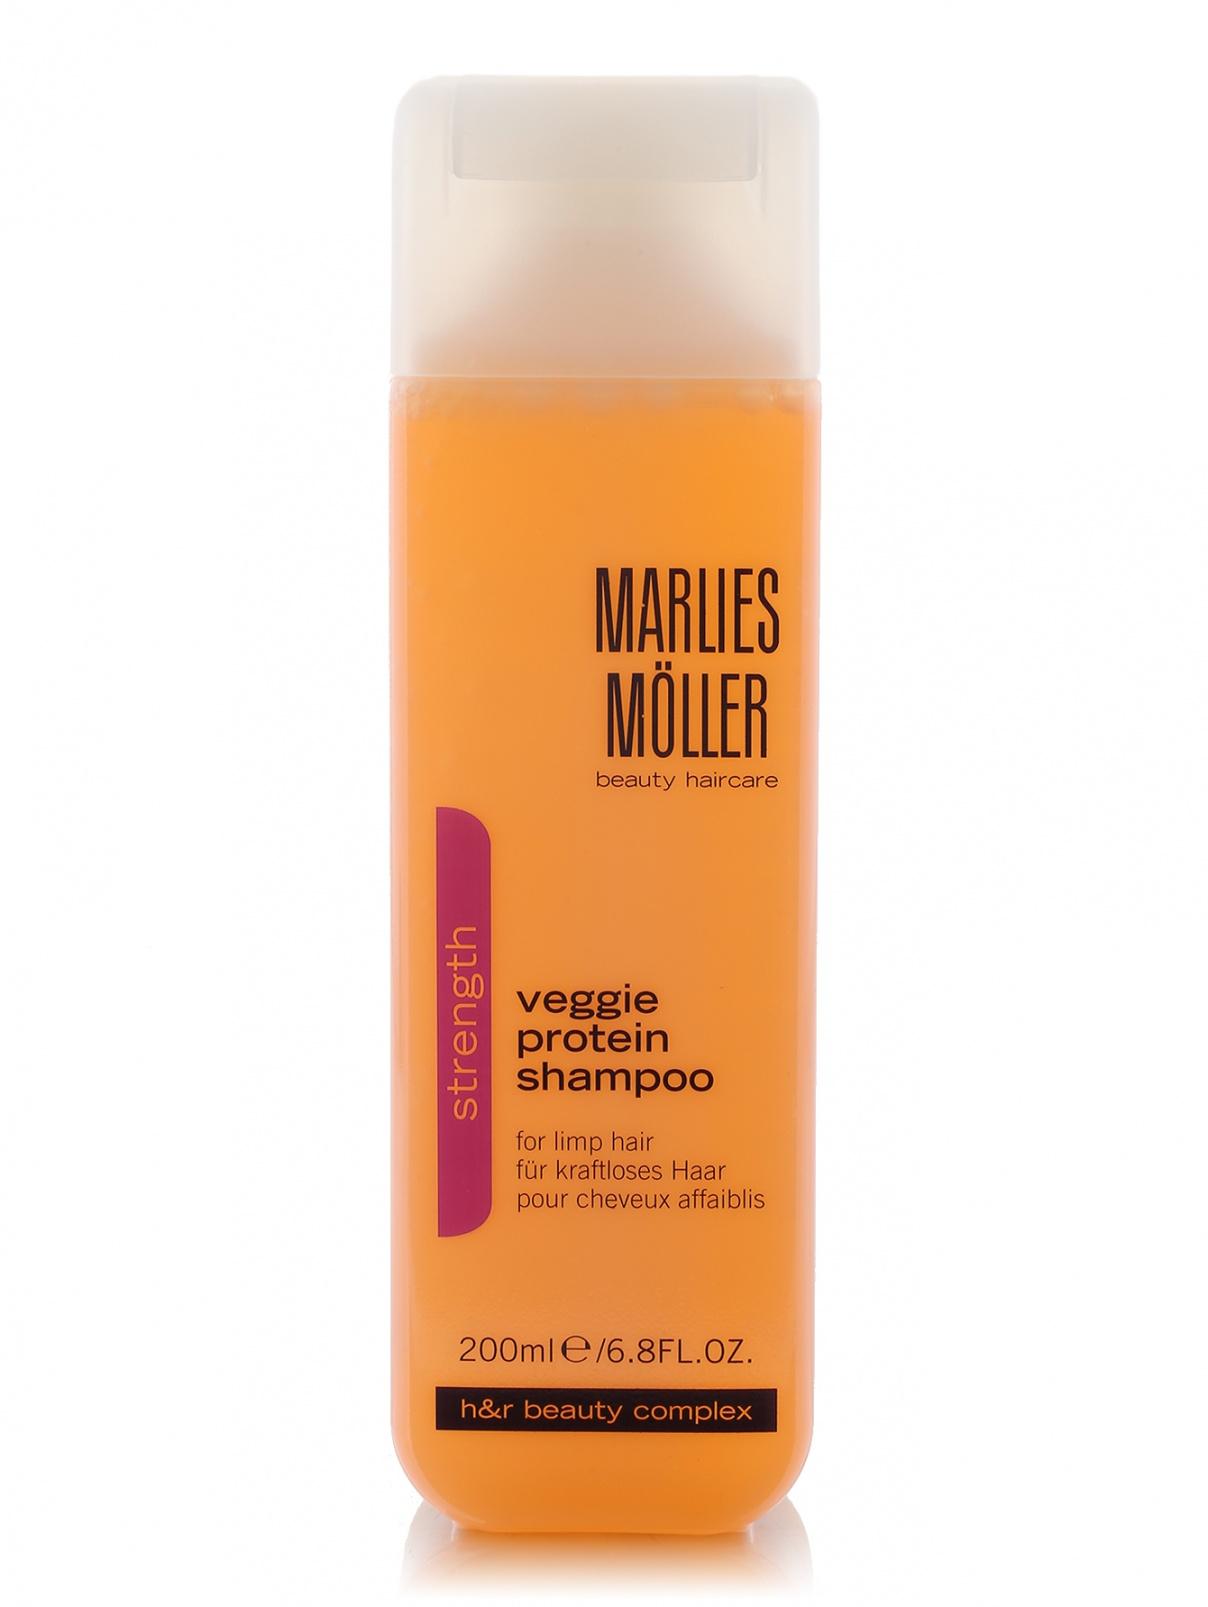 Шампунь для ослабленных волос - Veggie protein shampoo, 200ml Marlies Moller  –  Общий вид